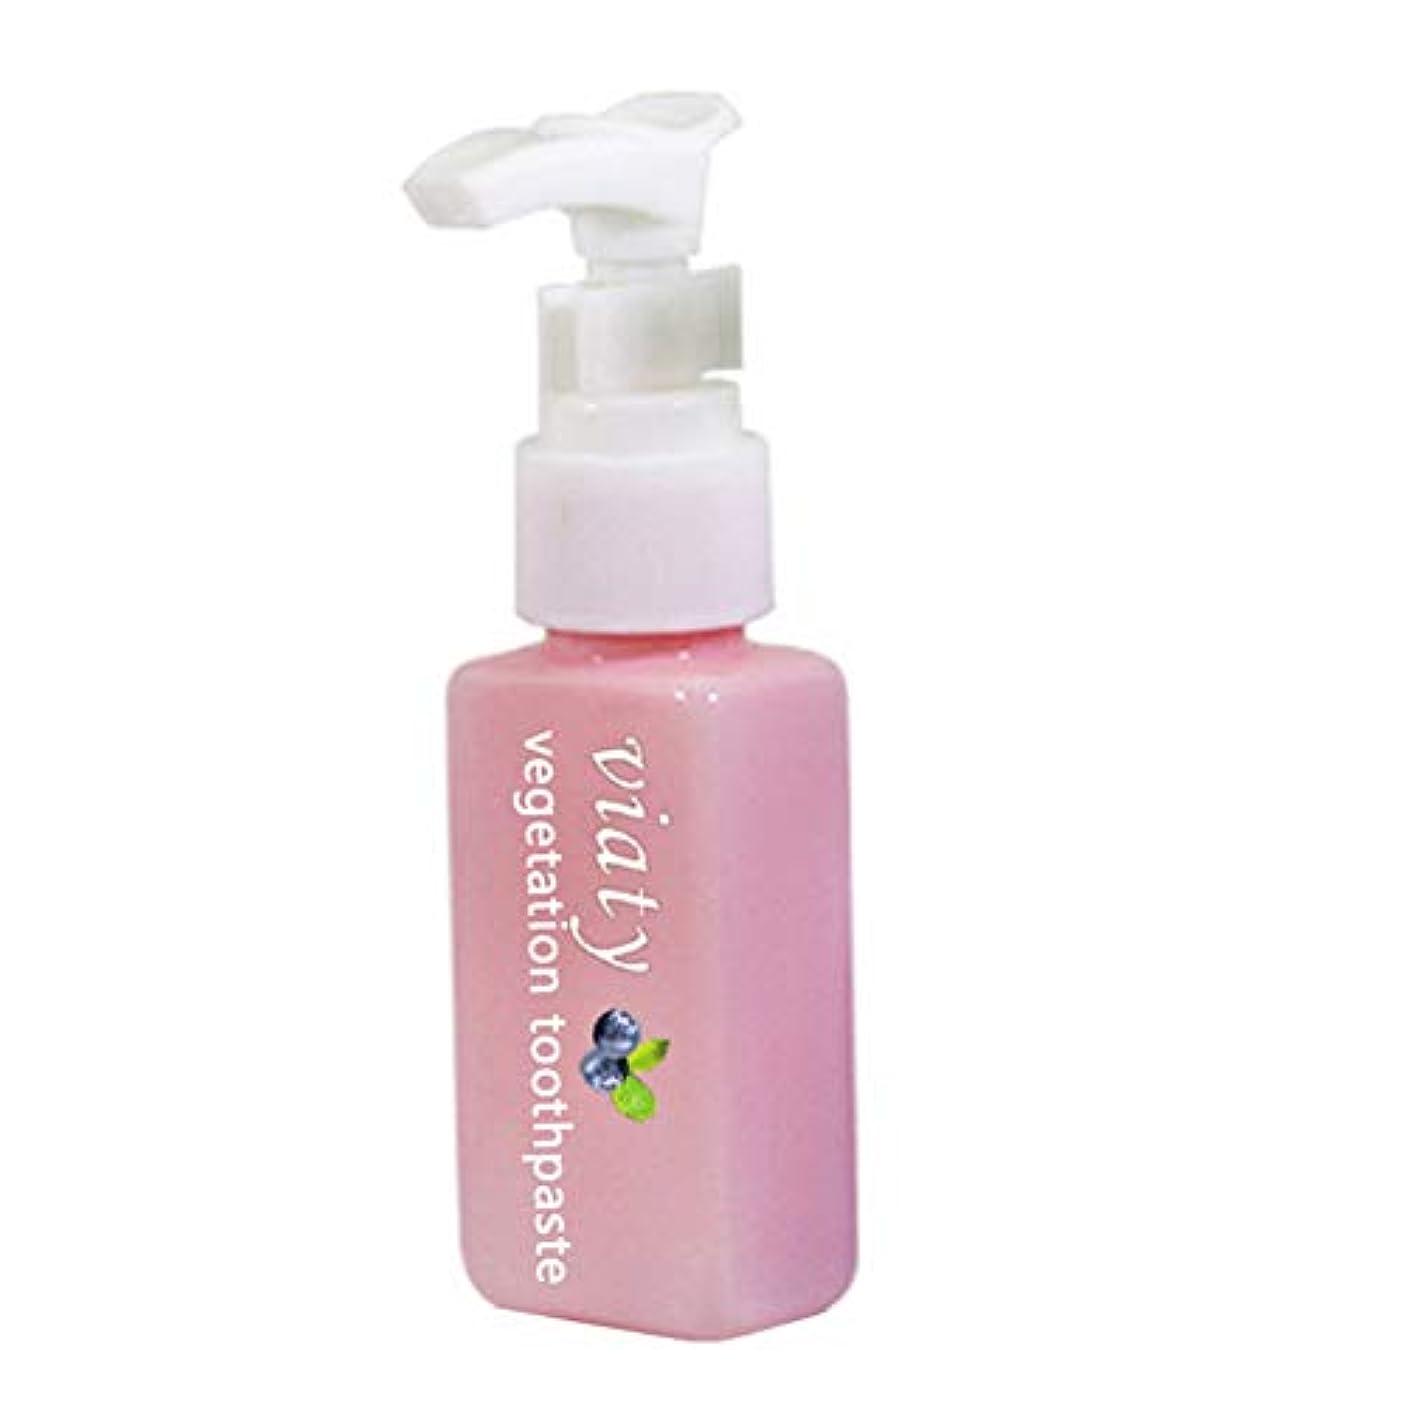 クリケット野菜Tenflyer歯磨き粉アンチブリードガムプレスタイプ新鮮な歯磨き粉を白くする汚れ除去剤